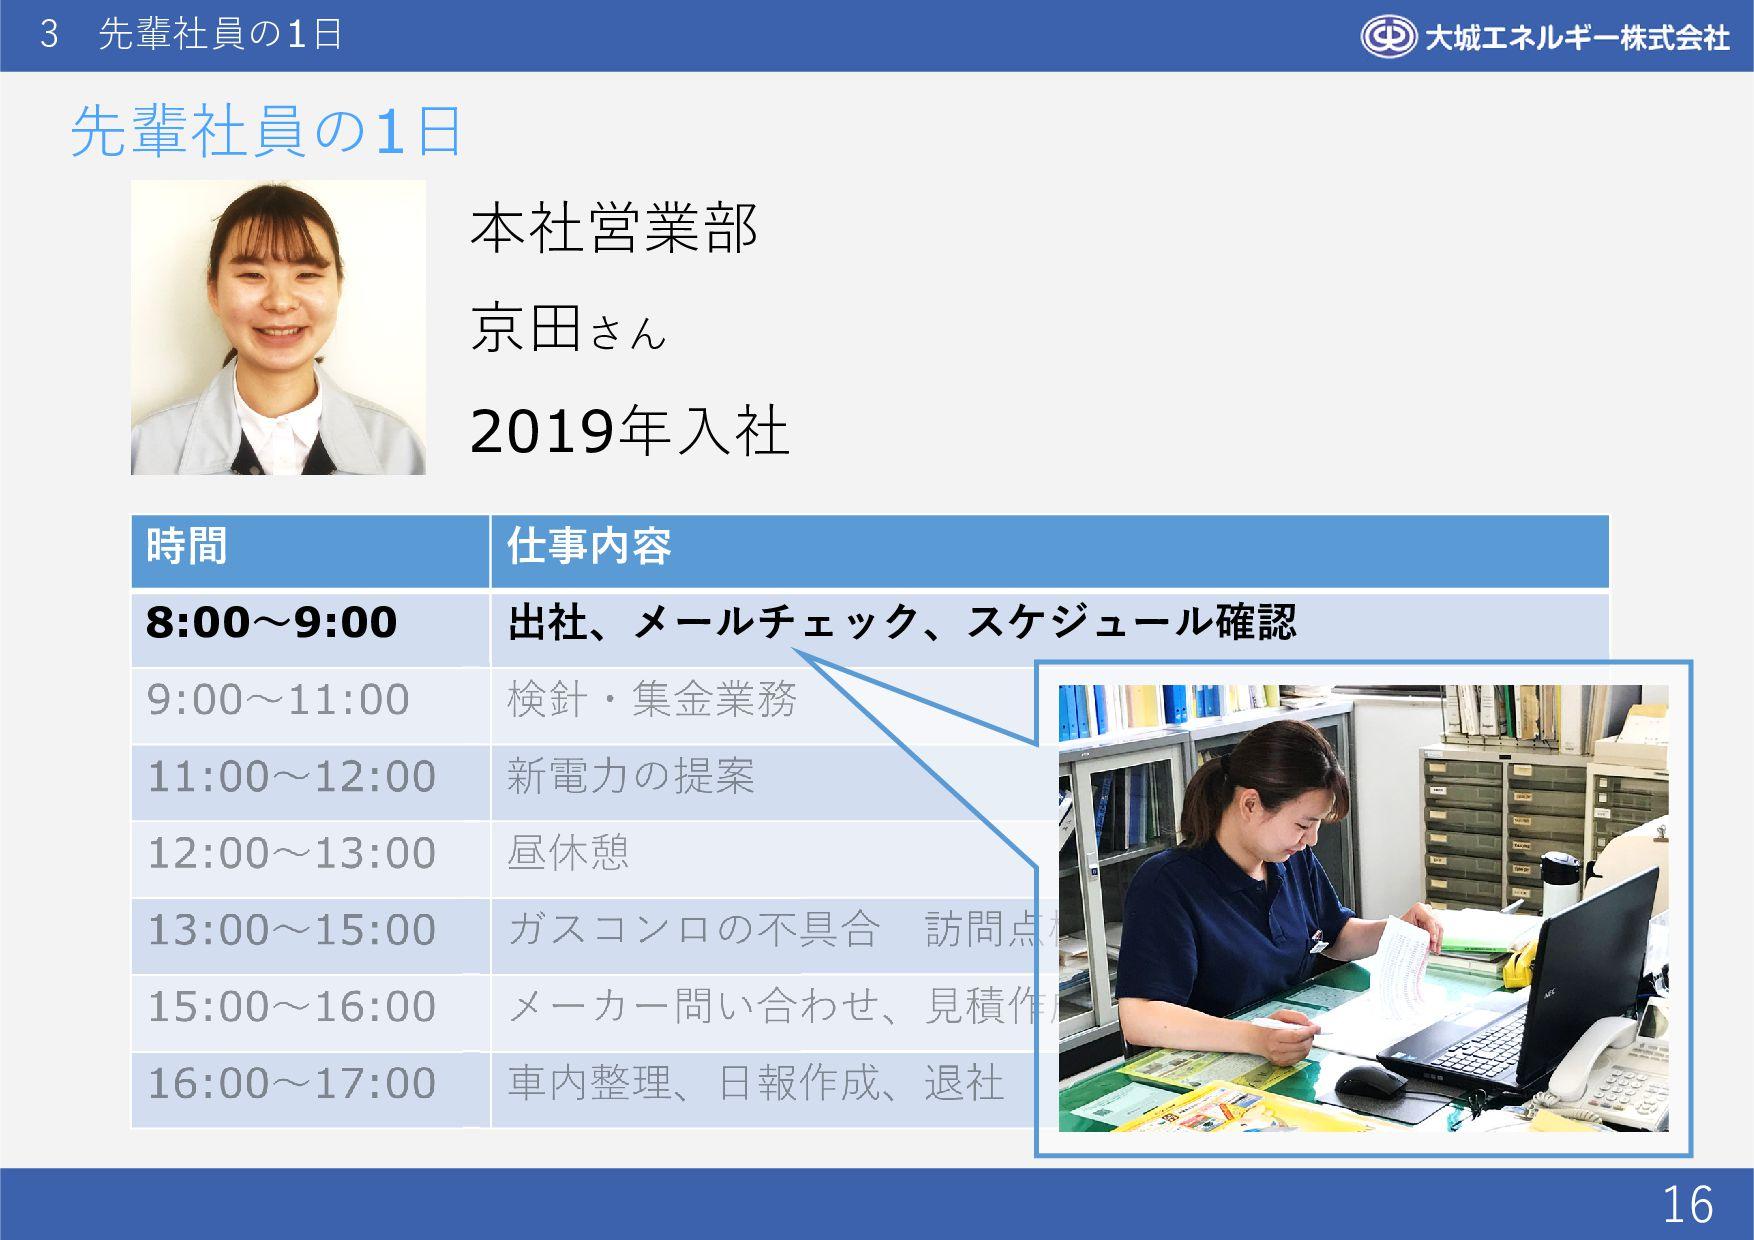 時間 仕事内容 8:00~9:00 出社、メールチェック、スケジュール確認 3 先輩社員の1日...